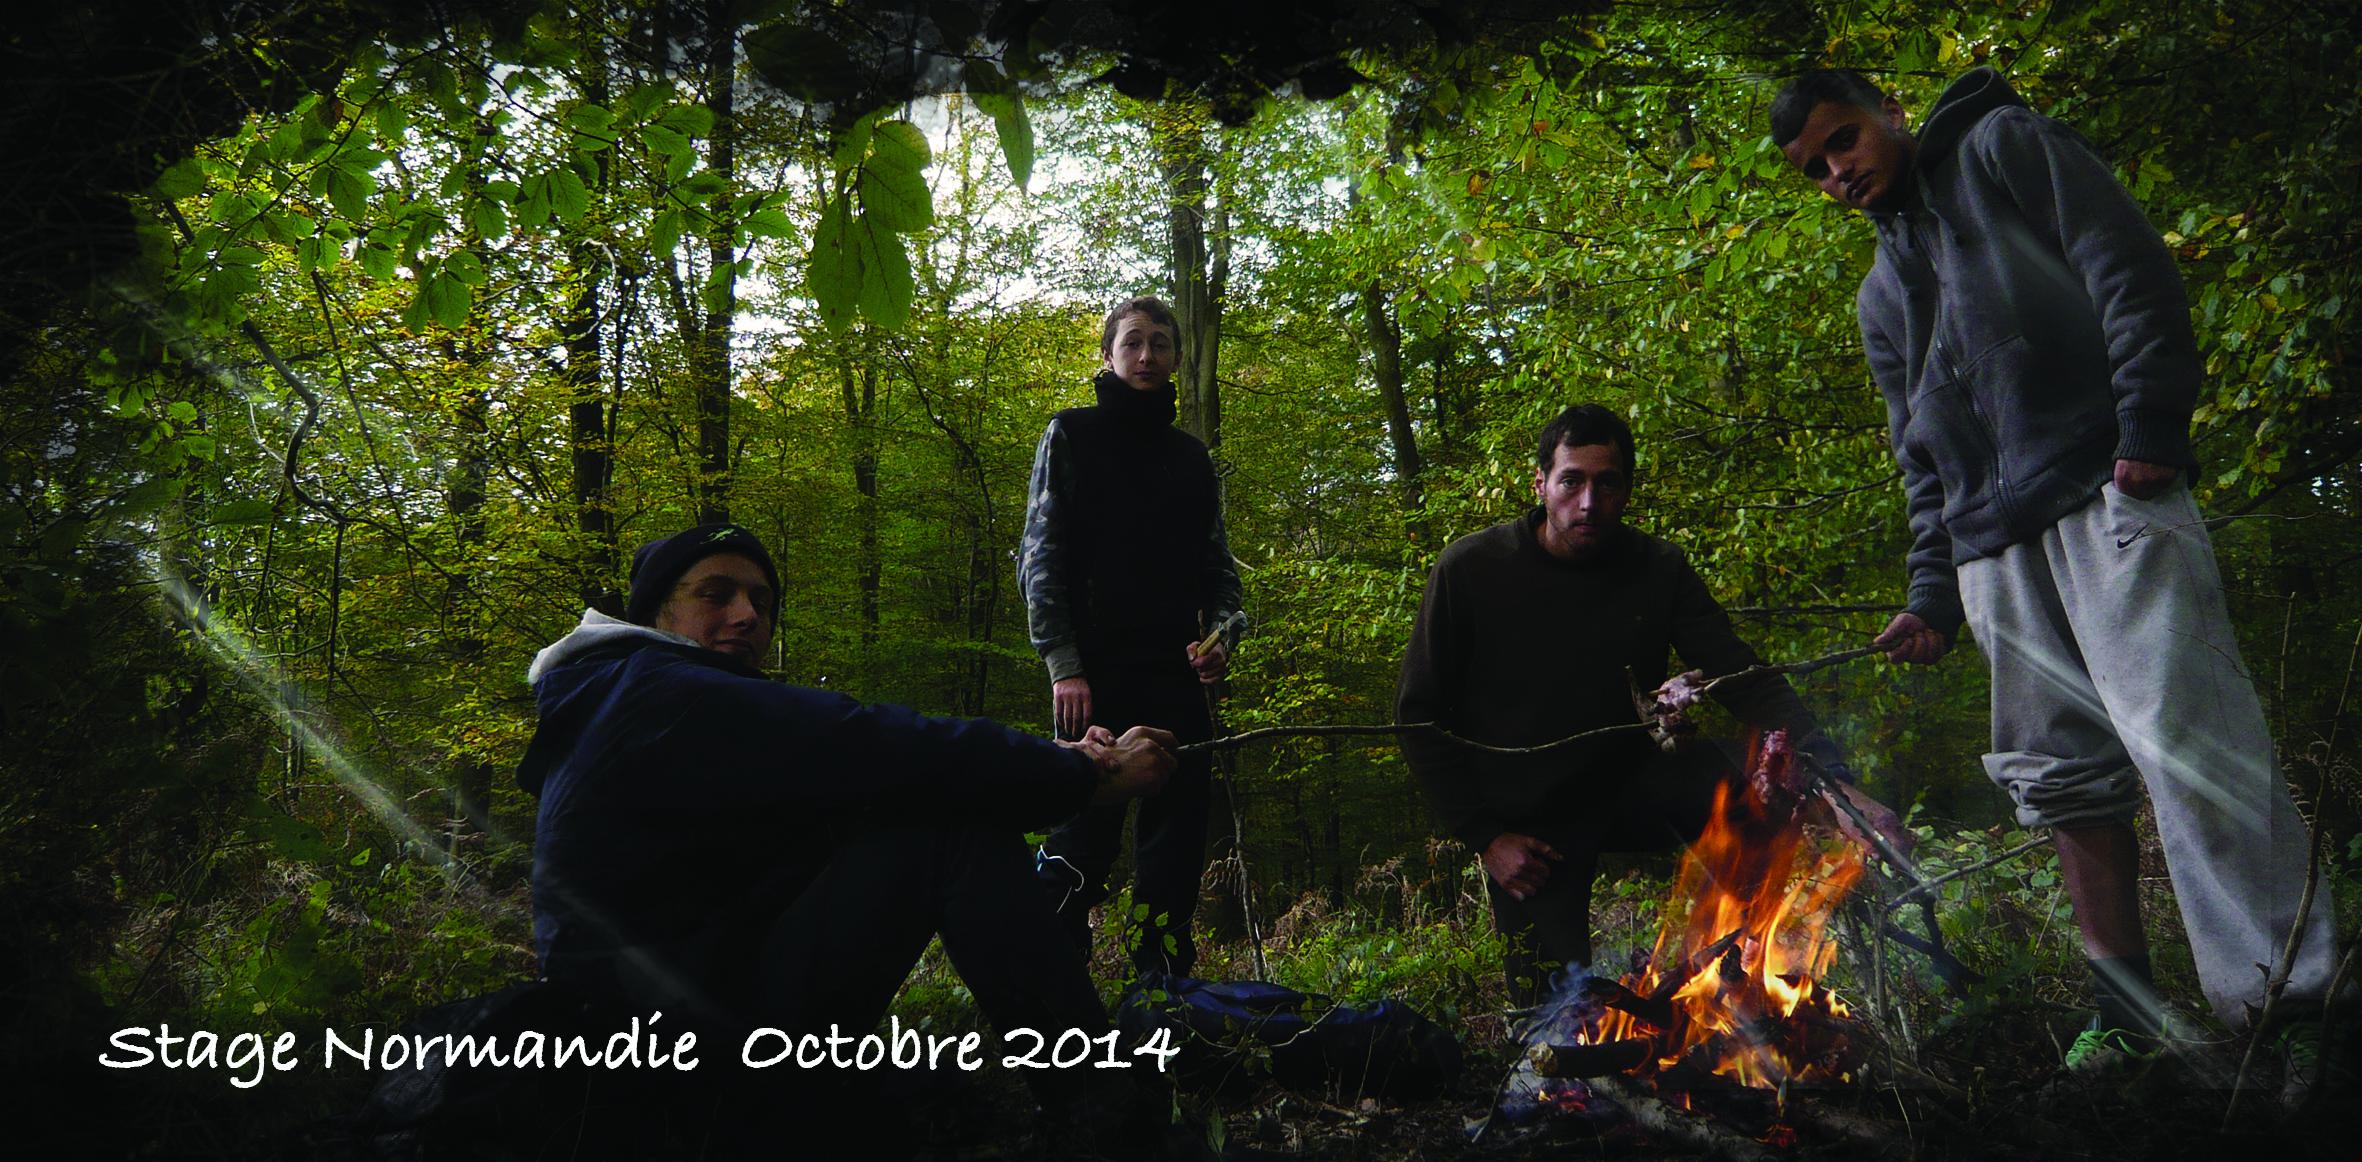 groupe ados octobre 2014.jpg